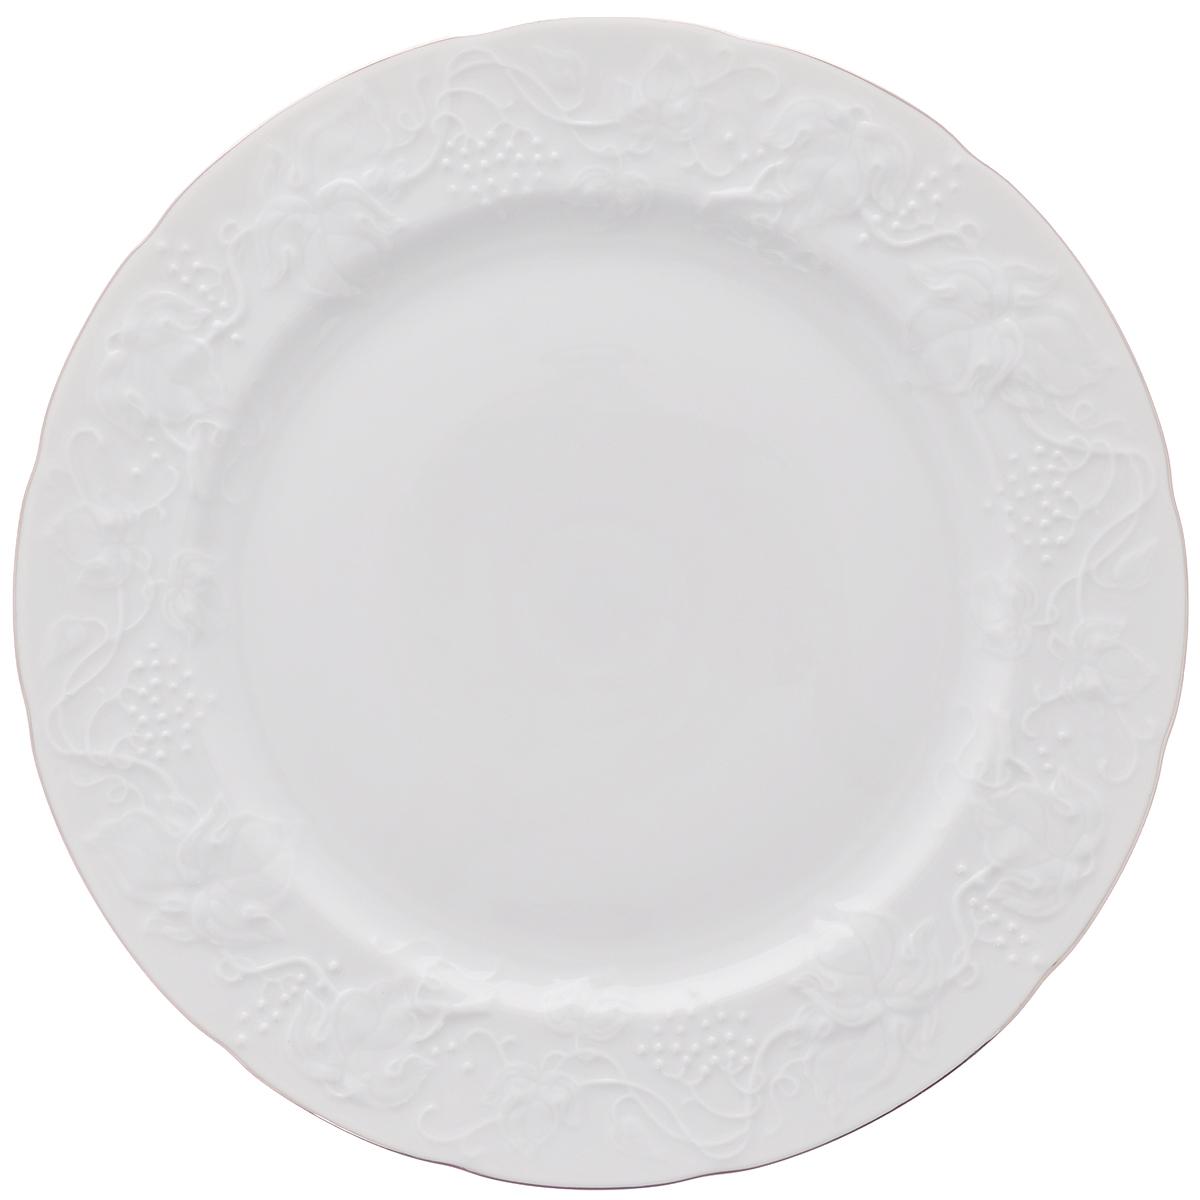 Блюдо Yves De La Rosiere Vendanges, диаметр 31 см6 906 320 019Изящное блюдо Yves De La Rosiere Vendanges, выполненное из высококачественного фарфора и украшено по краю эмалью и рельефным рисунком. Блюдо доставит истинное удовольствие ценителям прекрасного. Оно украсит ваш кухонный стол, а также станет замечательным подарком к любому празднику. Диаметр блюда: 31 см.